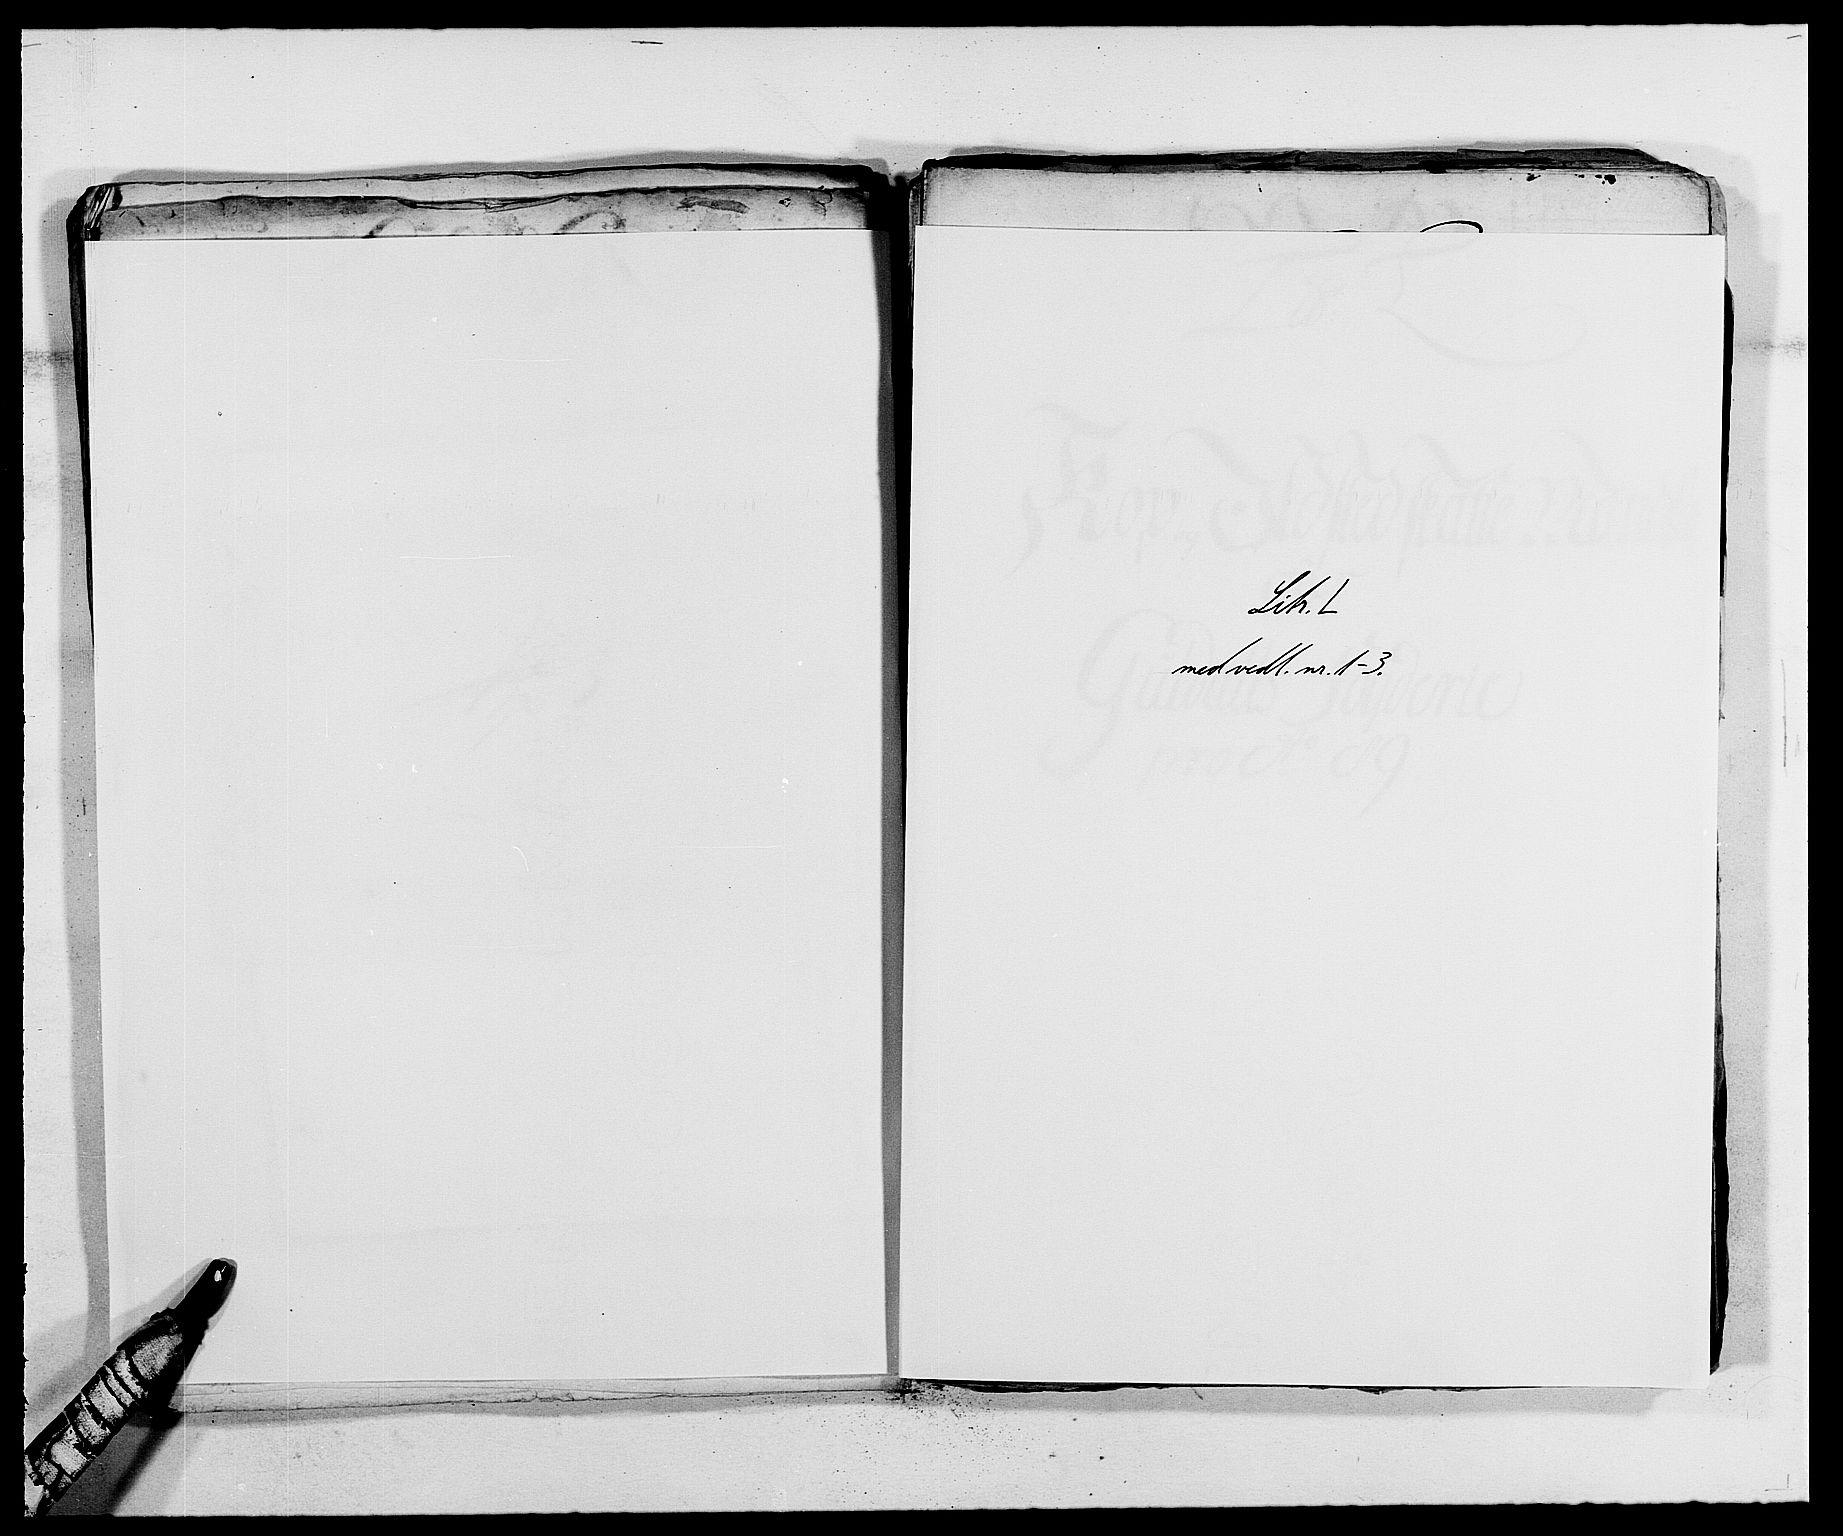 RA, Rentekammeret inntil 1814, Reviderte regnskaper, Fogderegnskap, R59/L3940: Fogderegnskap Gauldal, 1689-1690, s. 109